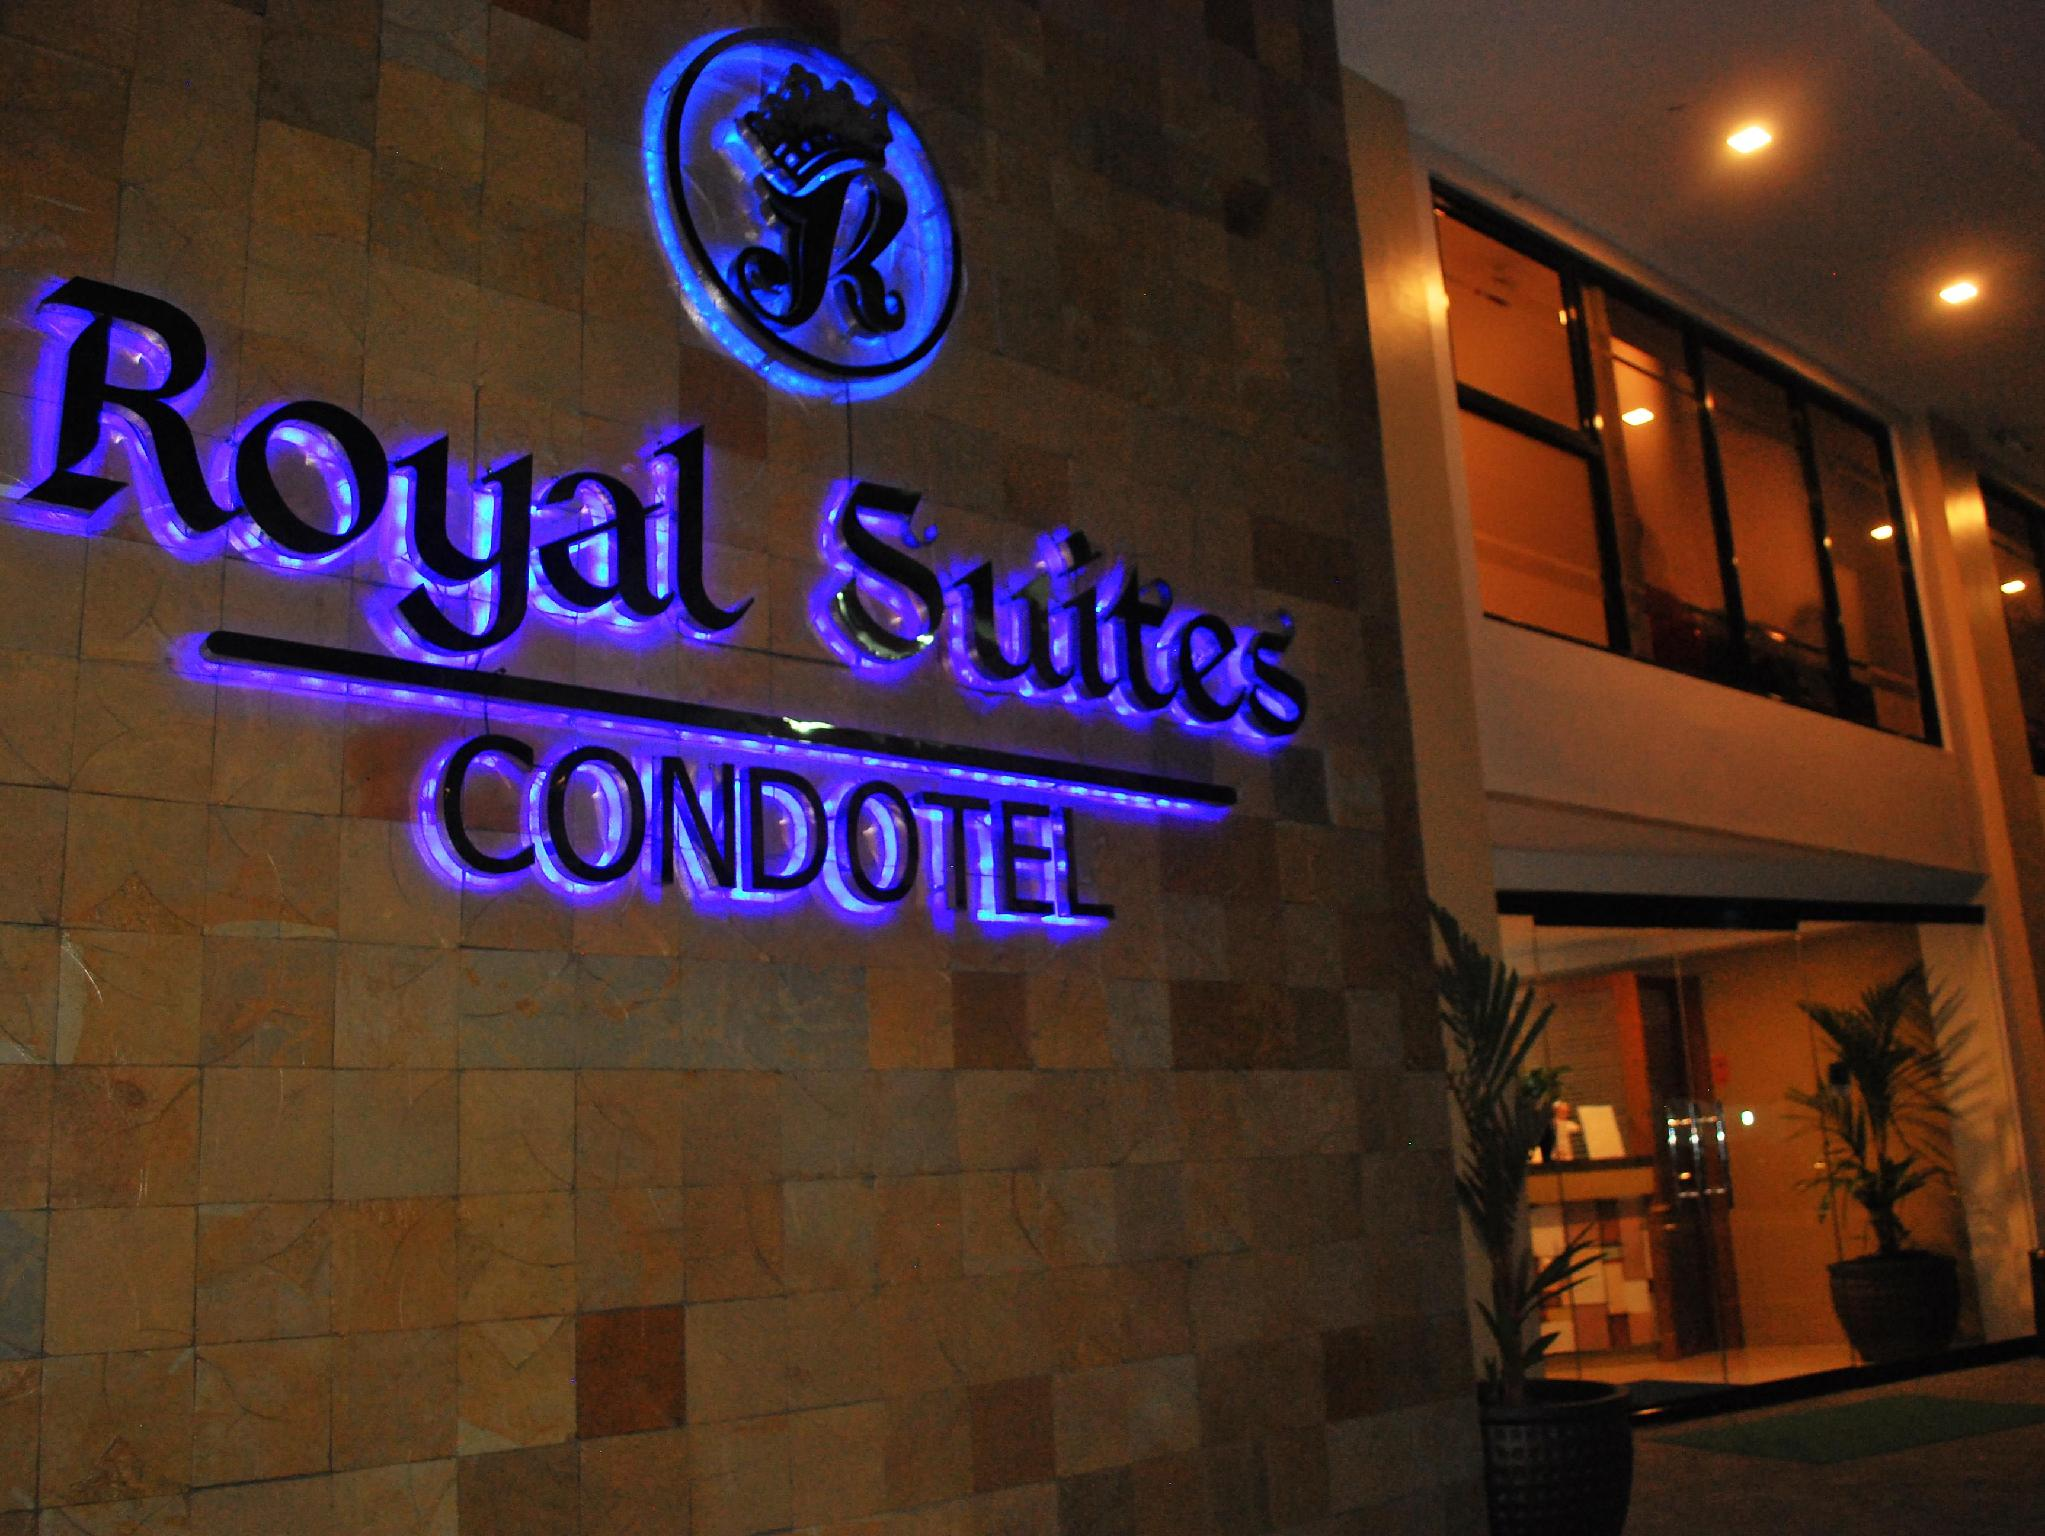 Royal Suites Condotel